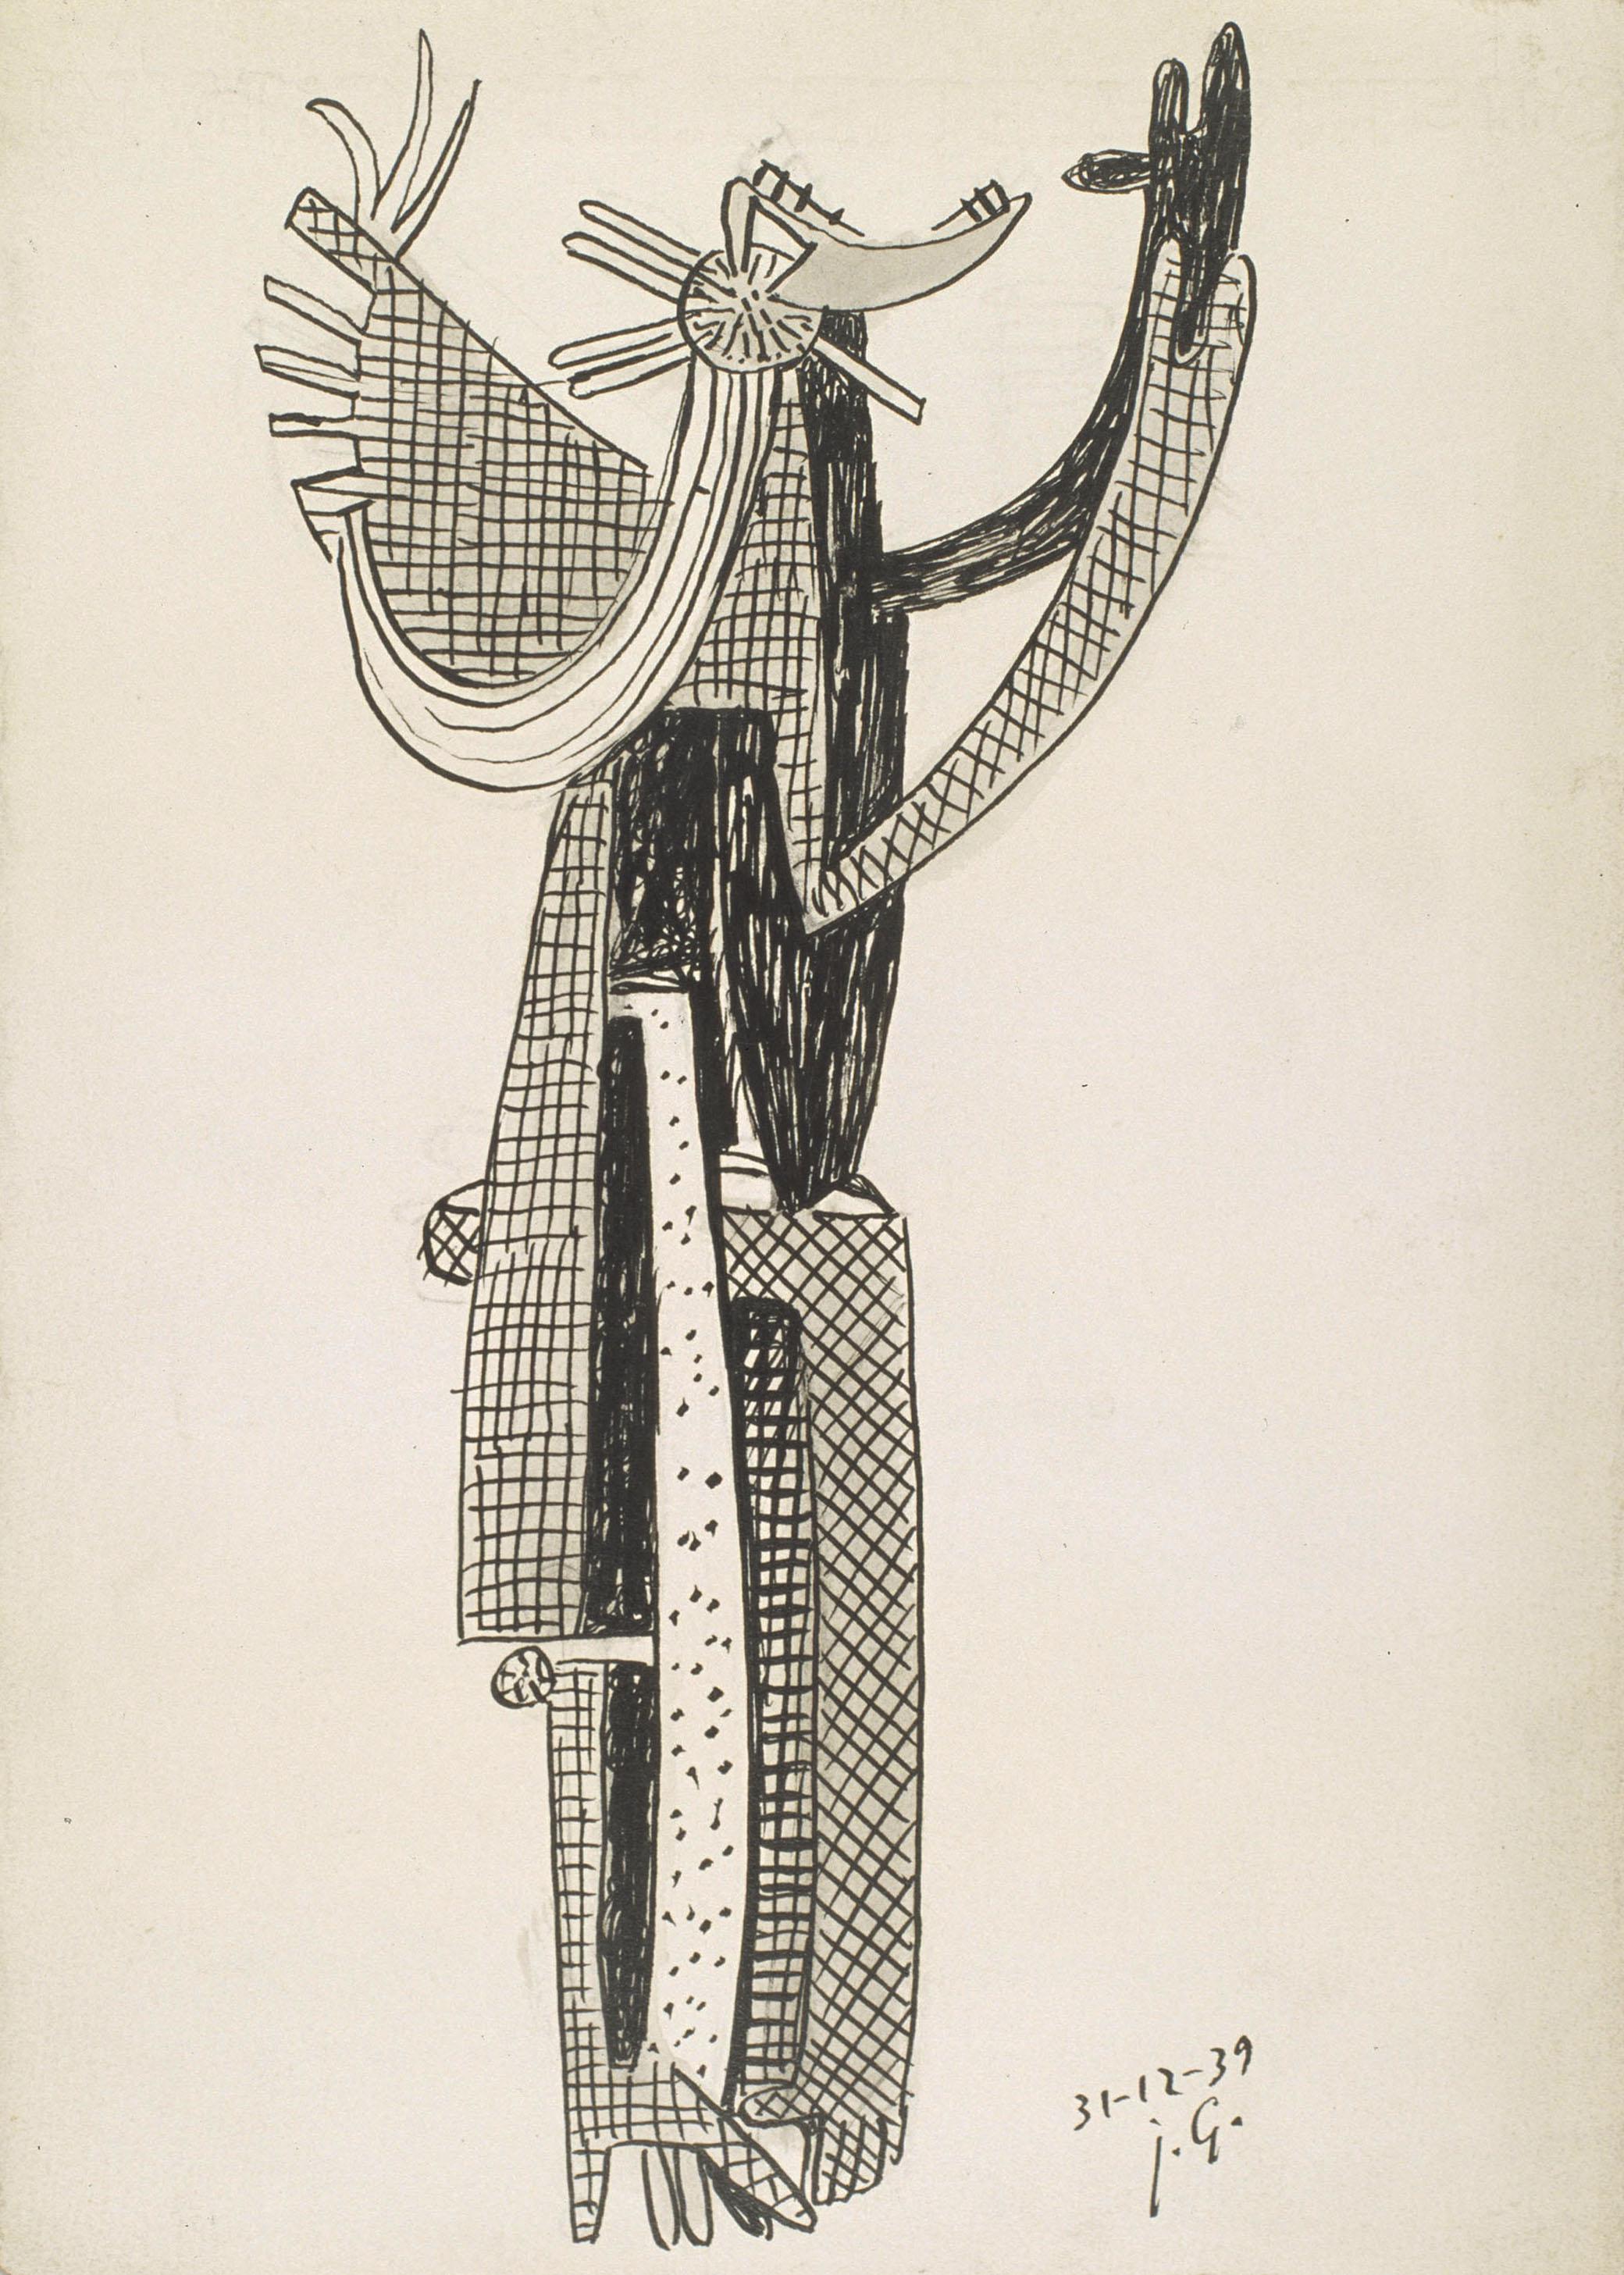 Juli González - Dona pentinant-se núm. 2 (Femme se coiffant nº 2) - 1939